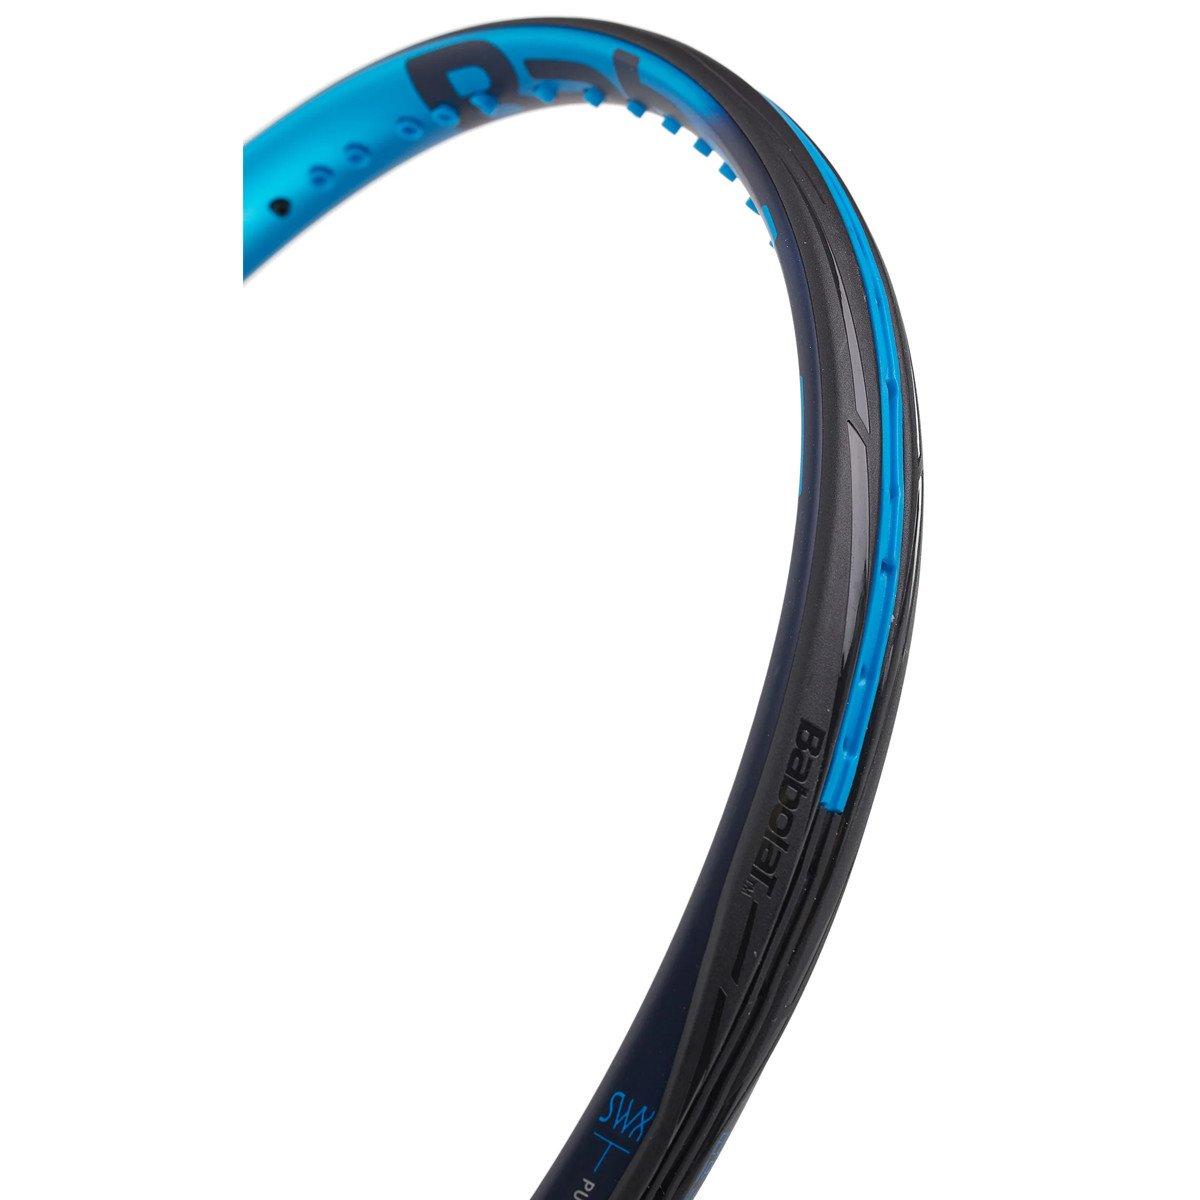 Raquete de Tênis Babolat Pure Drive - 300g - 2021  - PROTENISTA